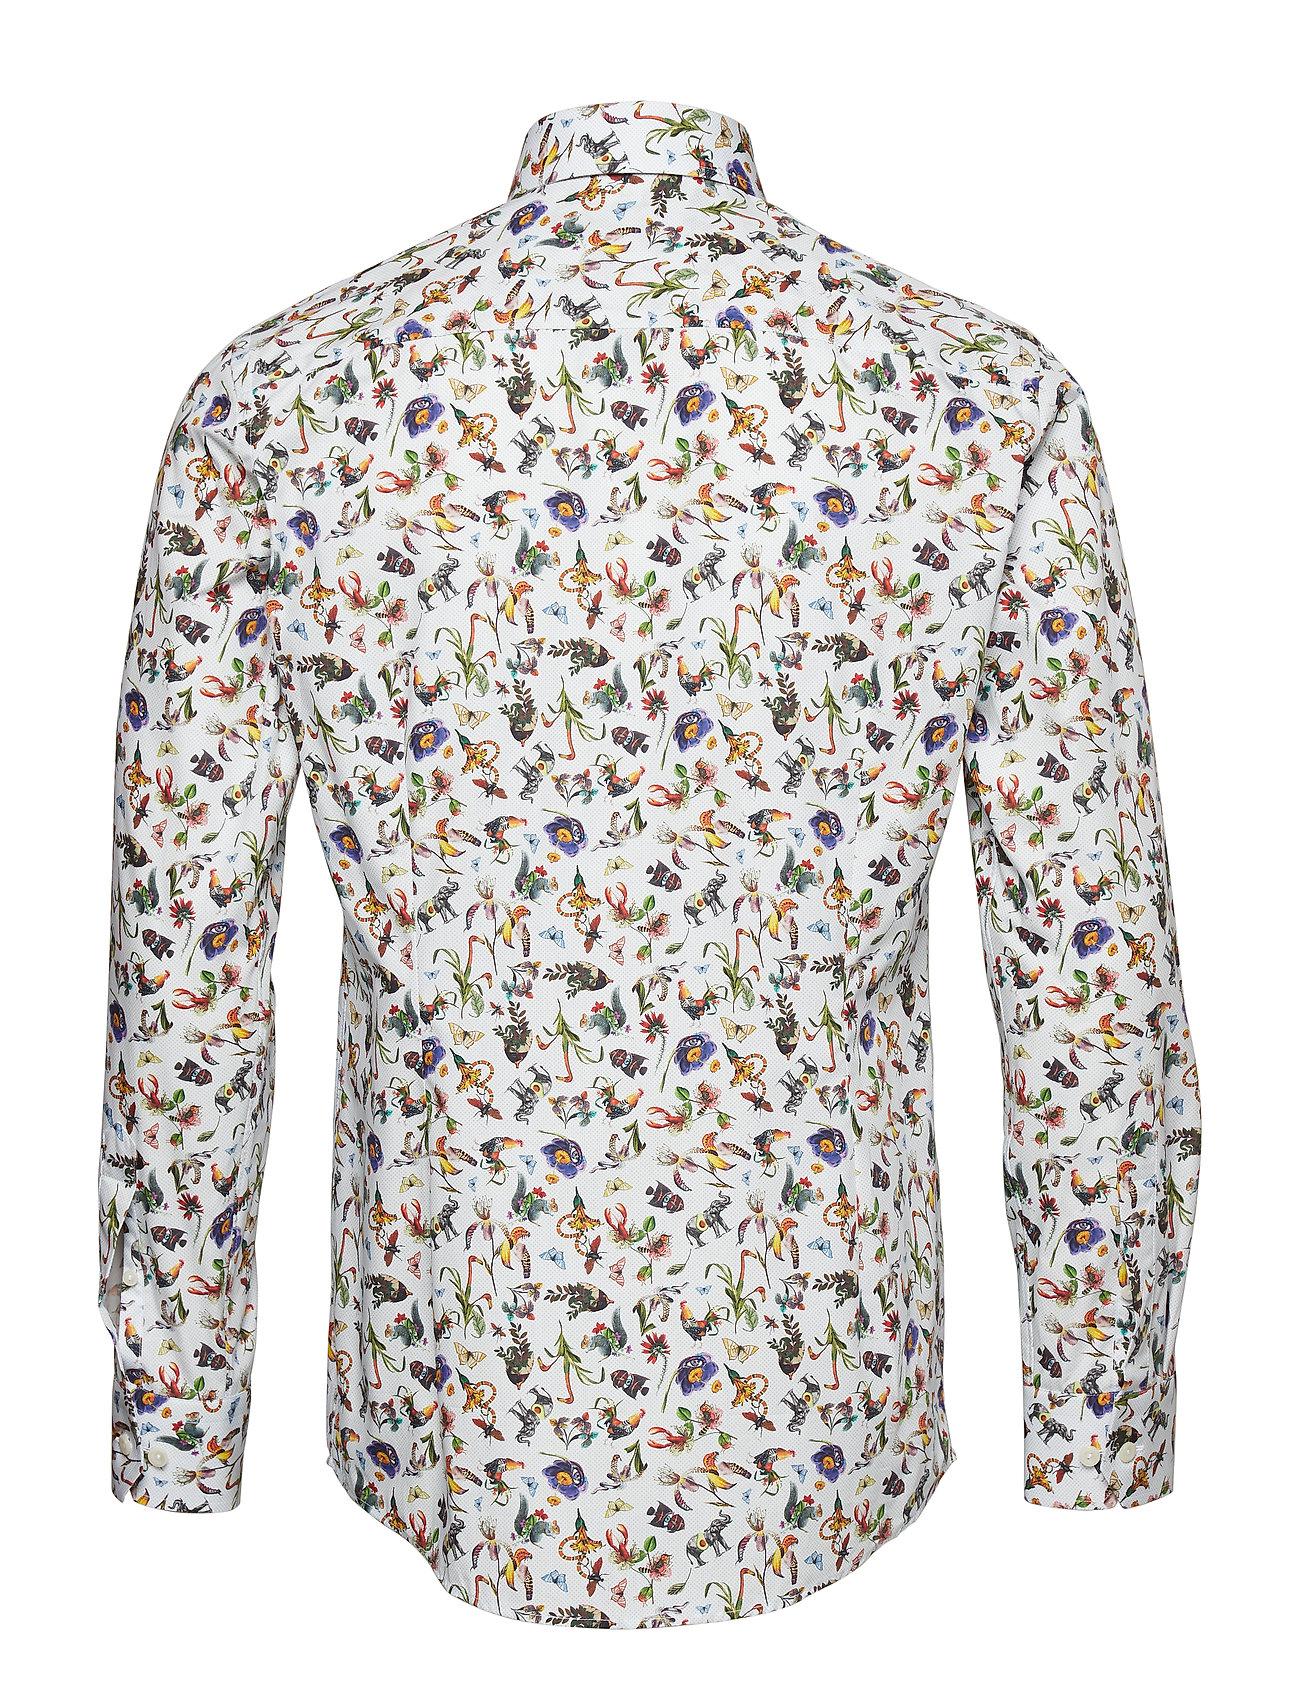 Print Metamorphosis Shirtpink Print Shirtpink Metamorphosis redEton 8wnPX0OkNZ